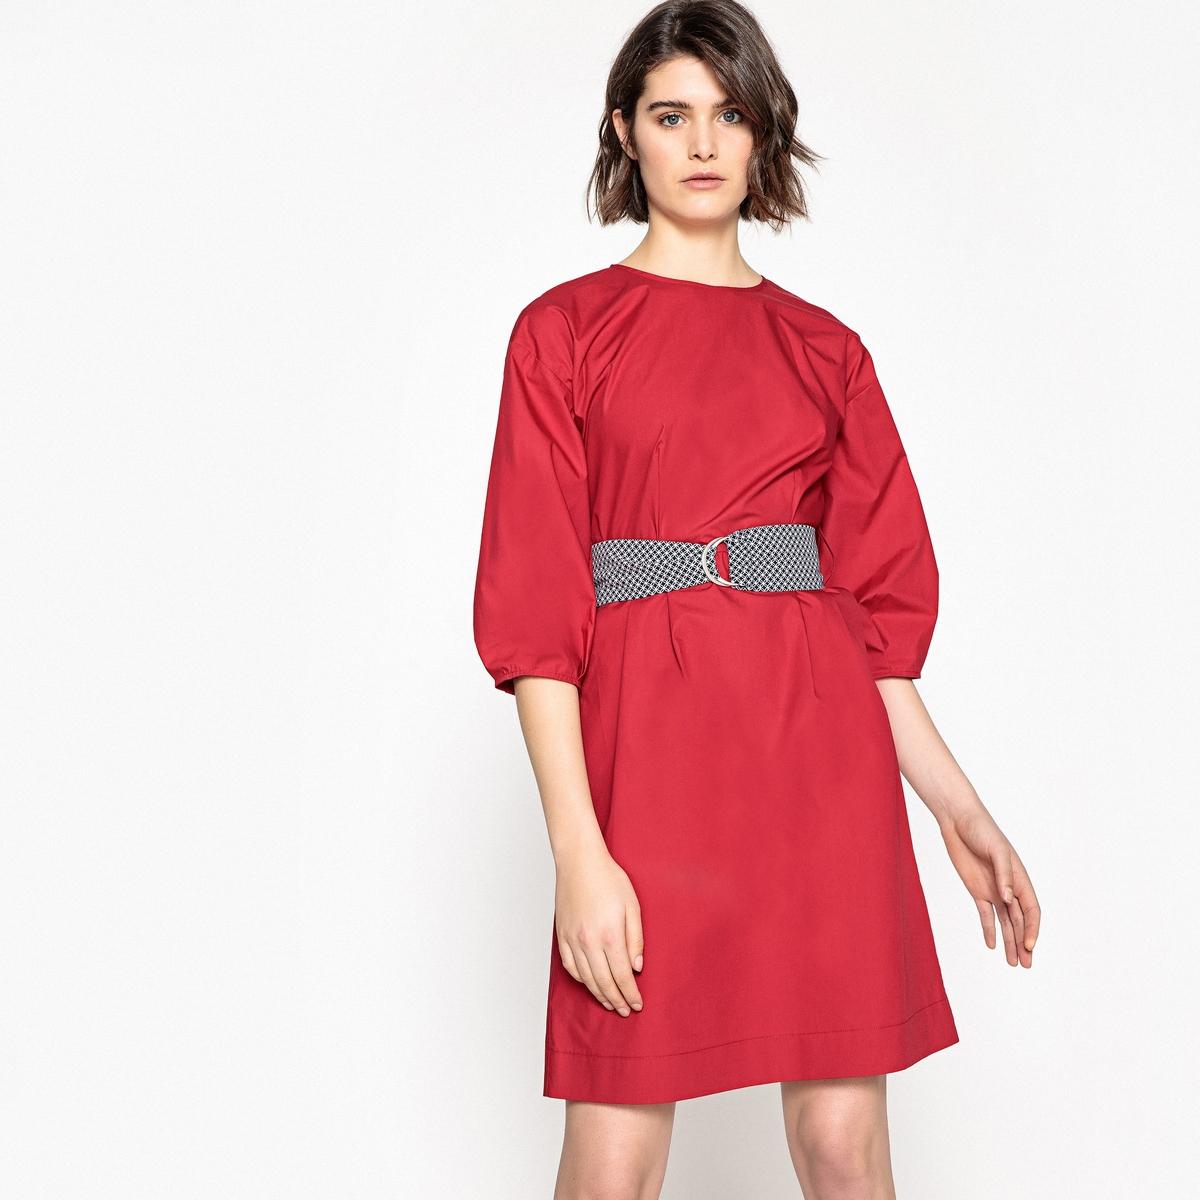 Платье La Redoute Прямое однотонное с поясом с рисунком 34 (FR) - 40 (RUS) красный цена и фото